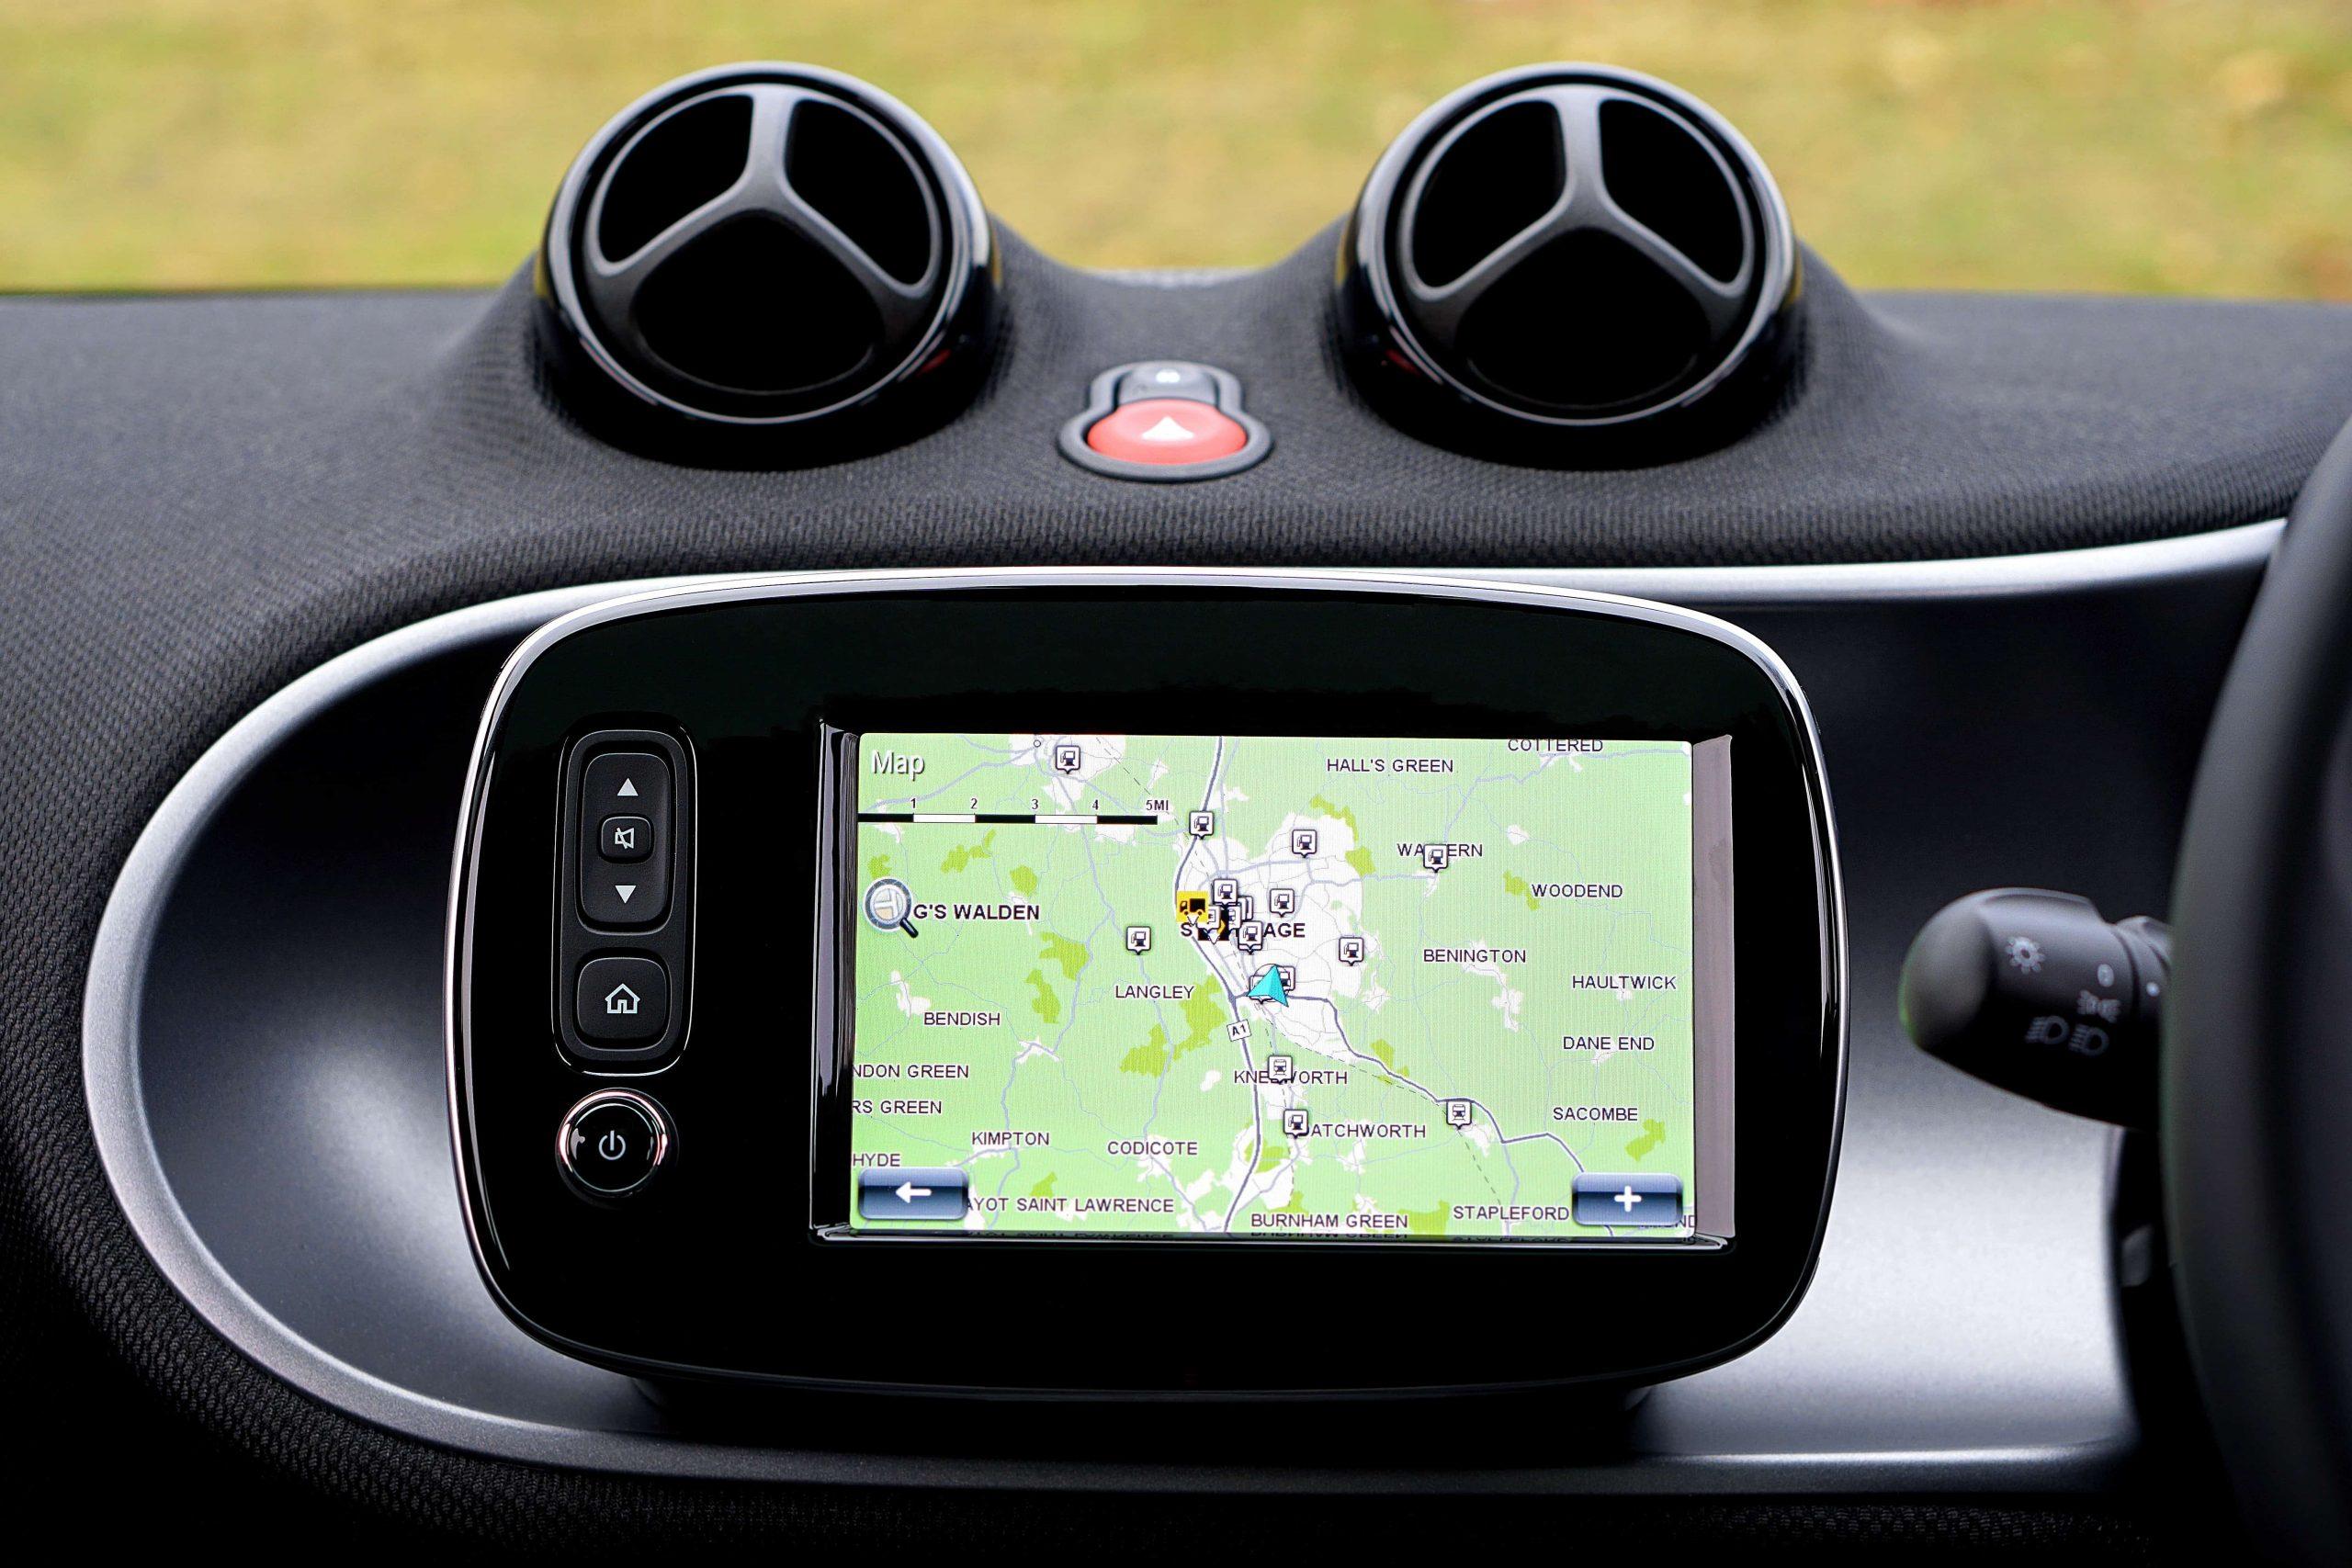 Imagem de um GPS automotivo.